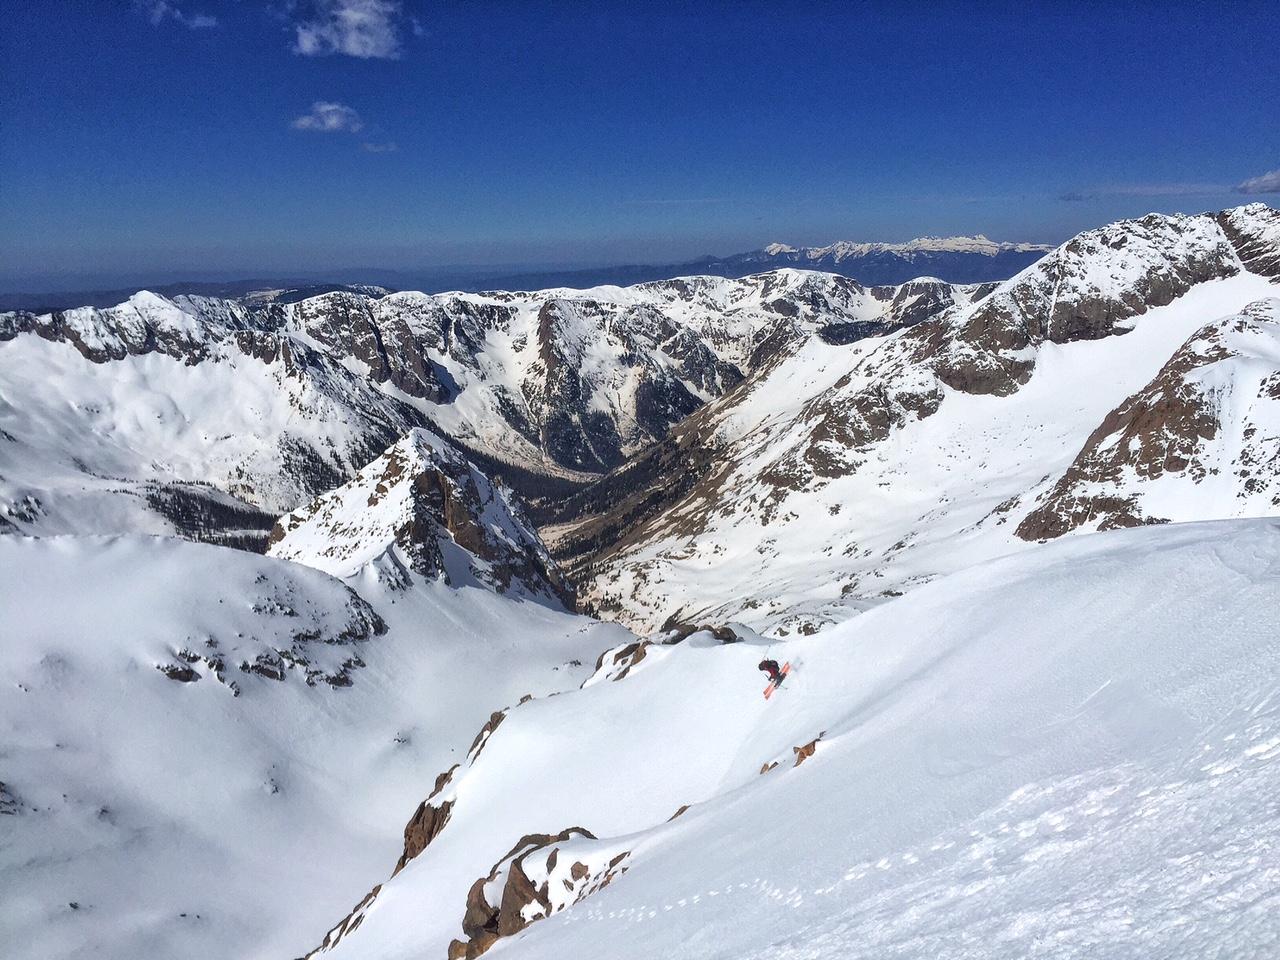 Skiing off Sunlight 14er.